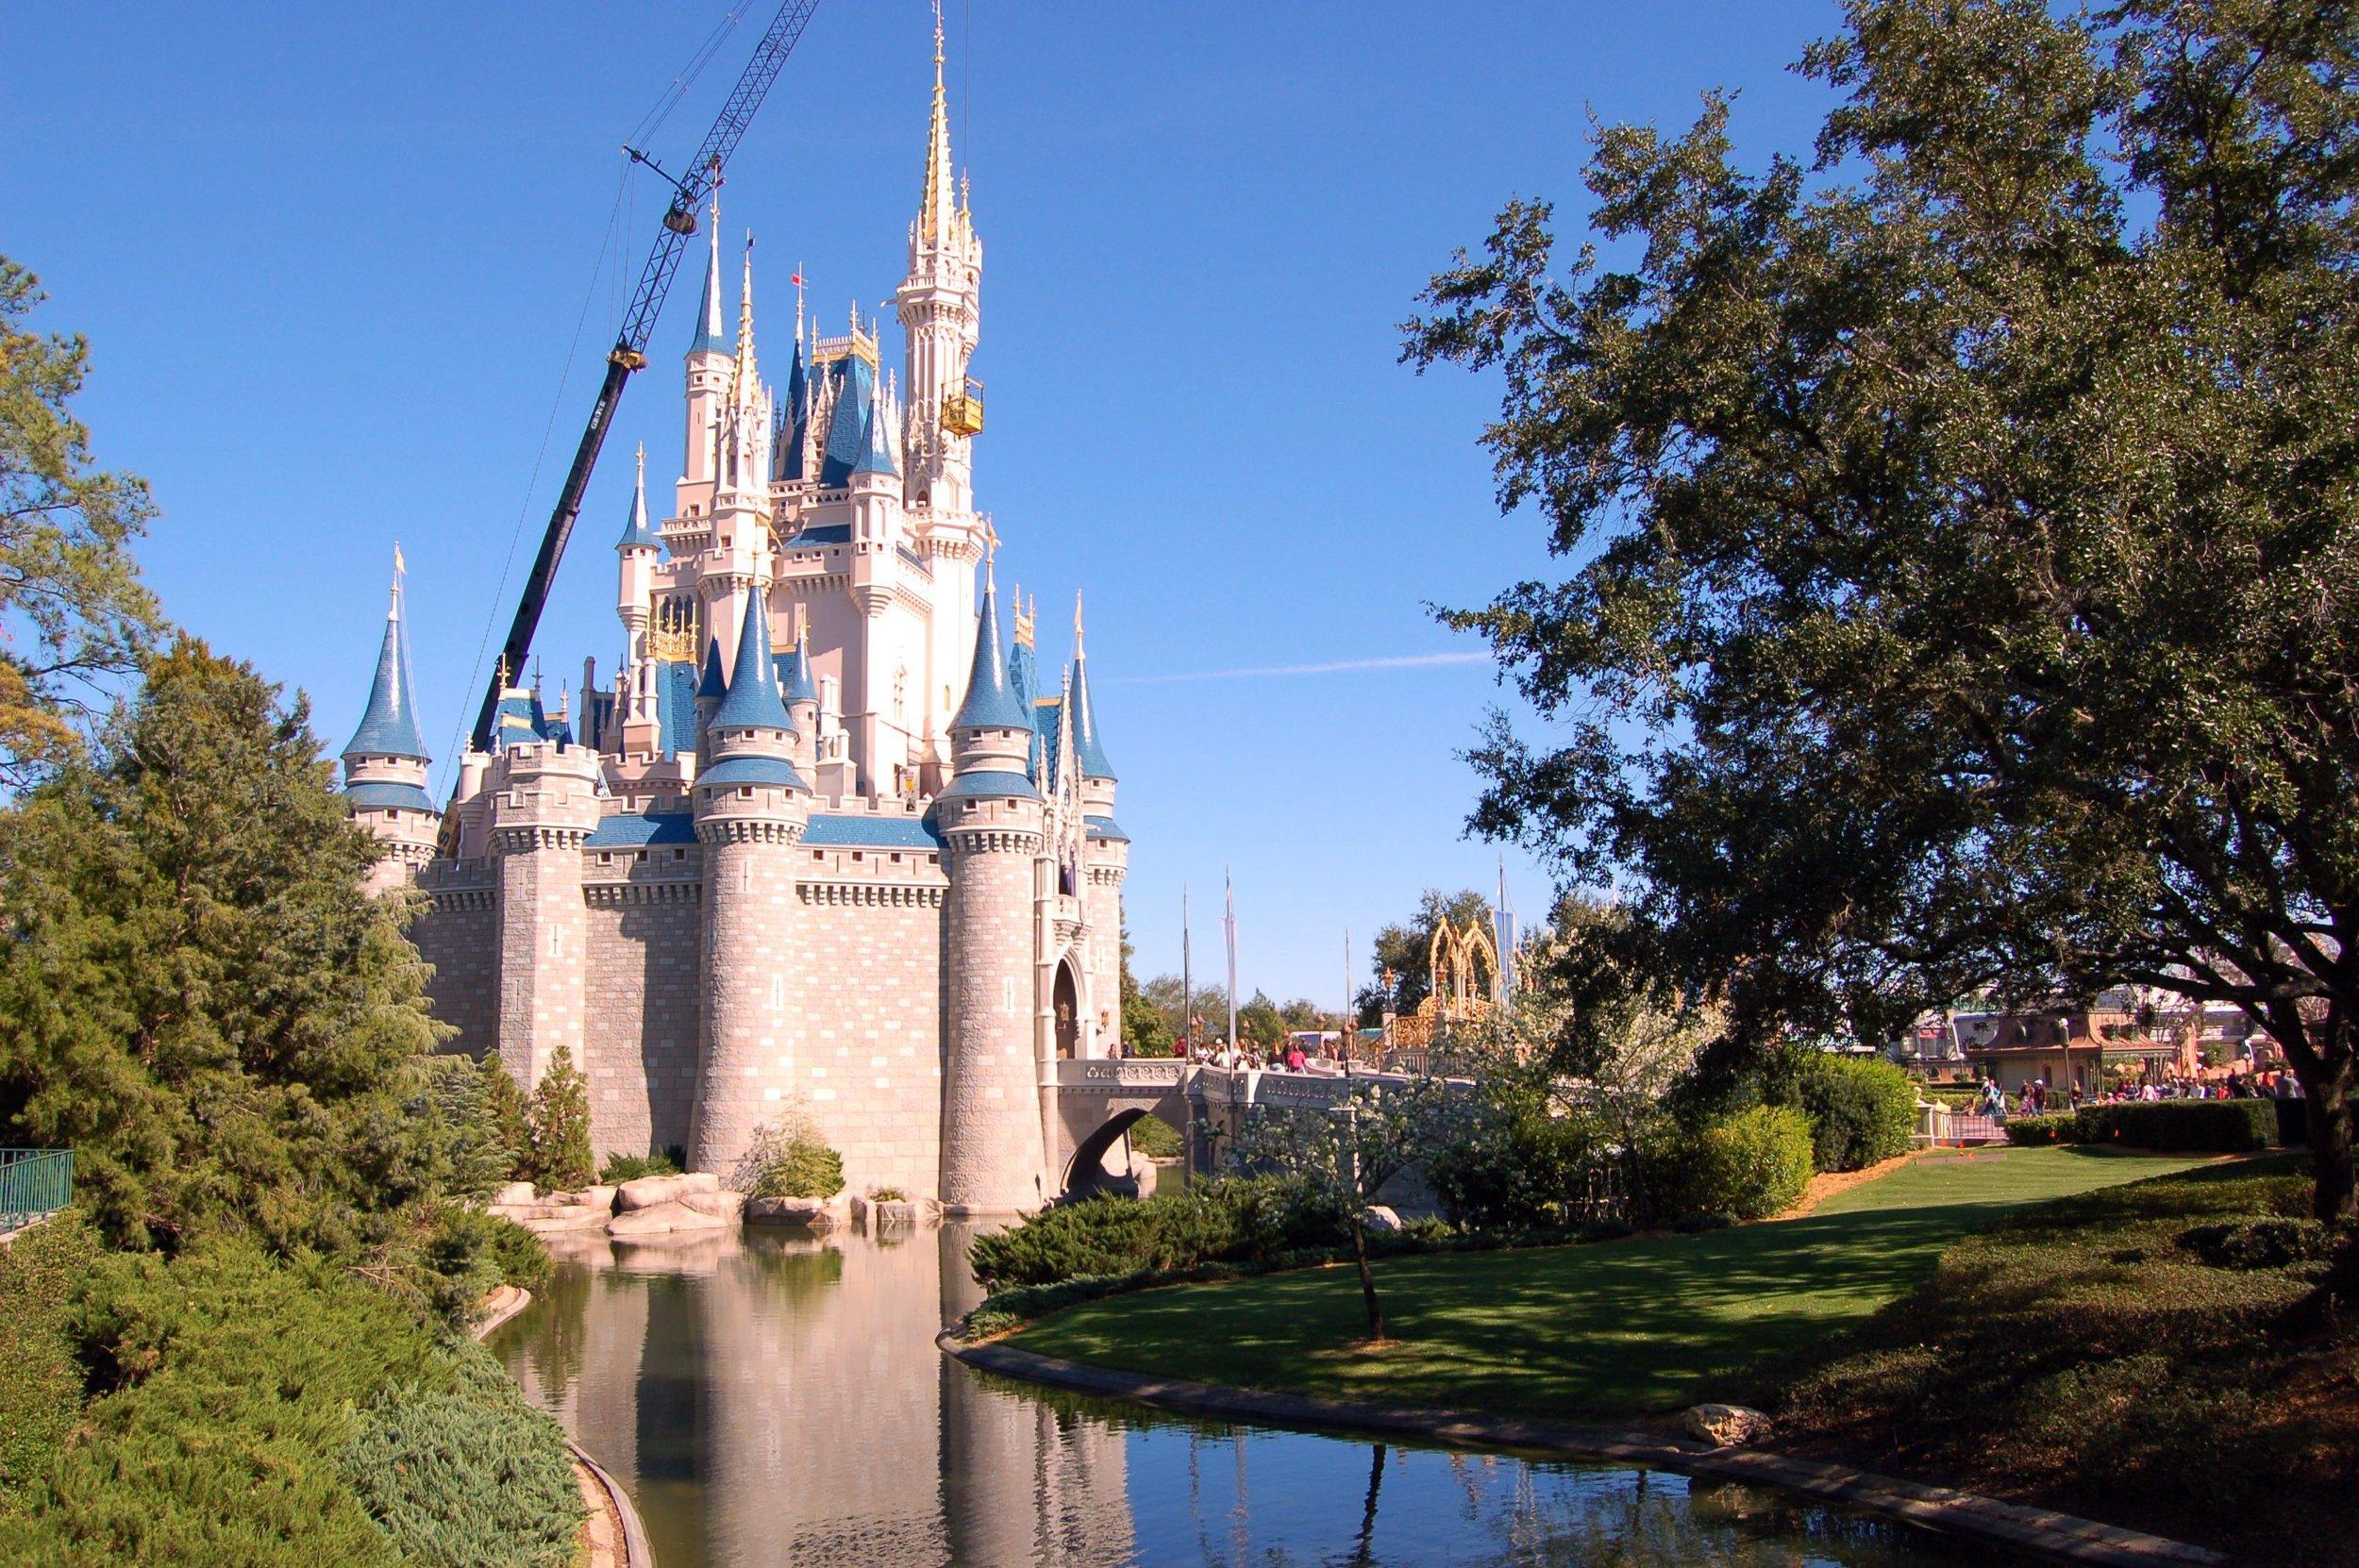 Building the castle